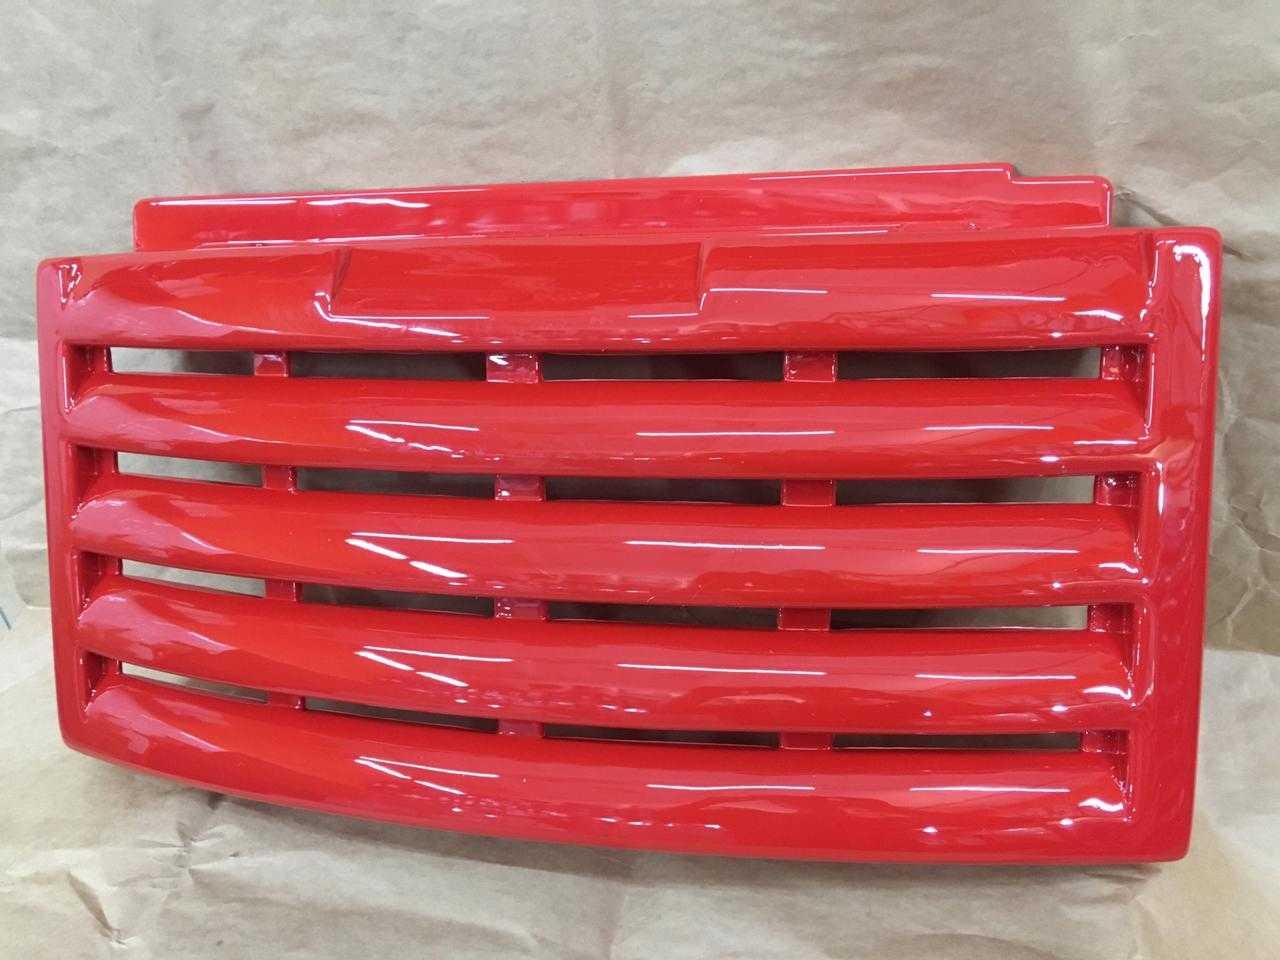 Rodapé Freezer Vertical Metalfrio